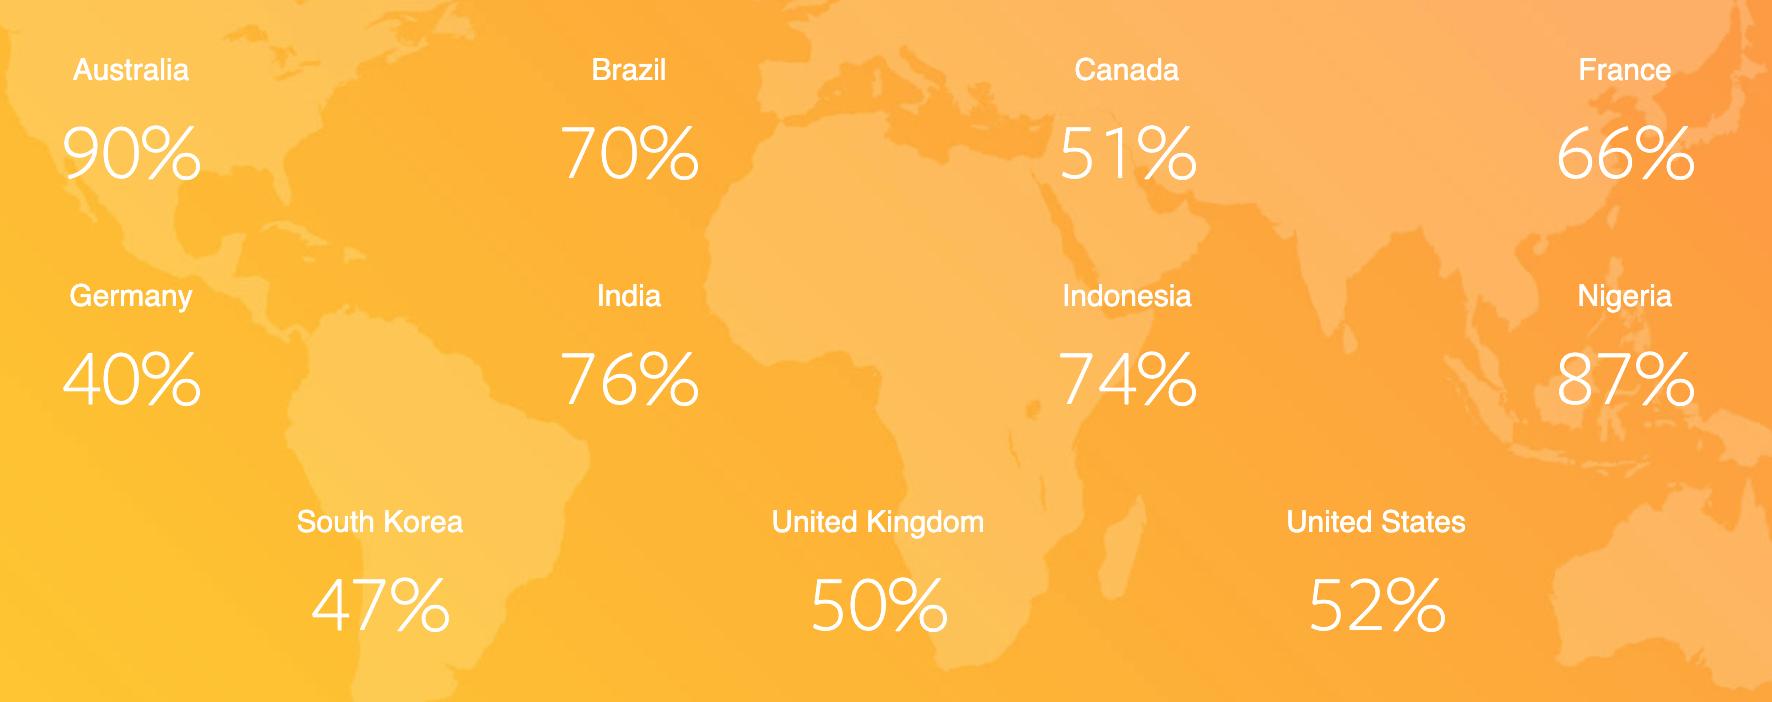 А вот распределение такой позиции по конкретным странам